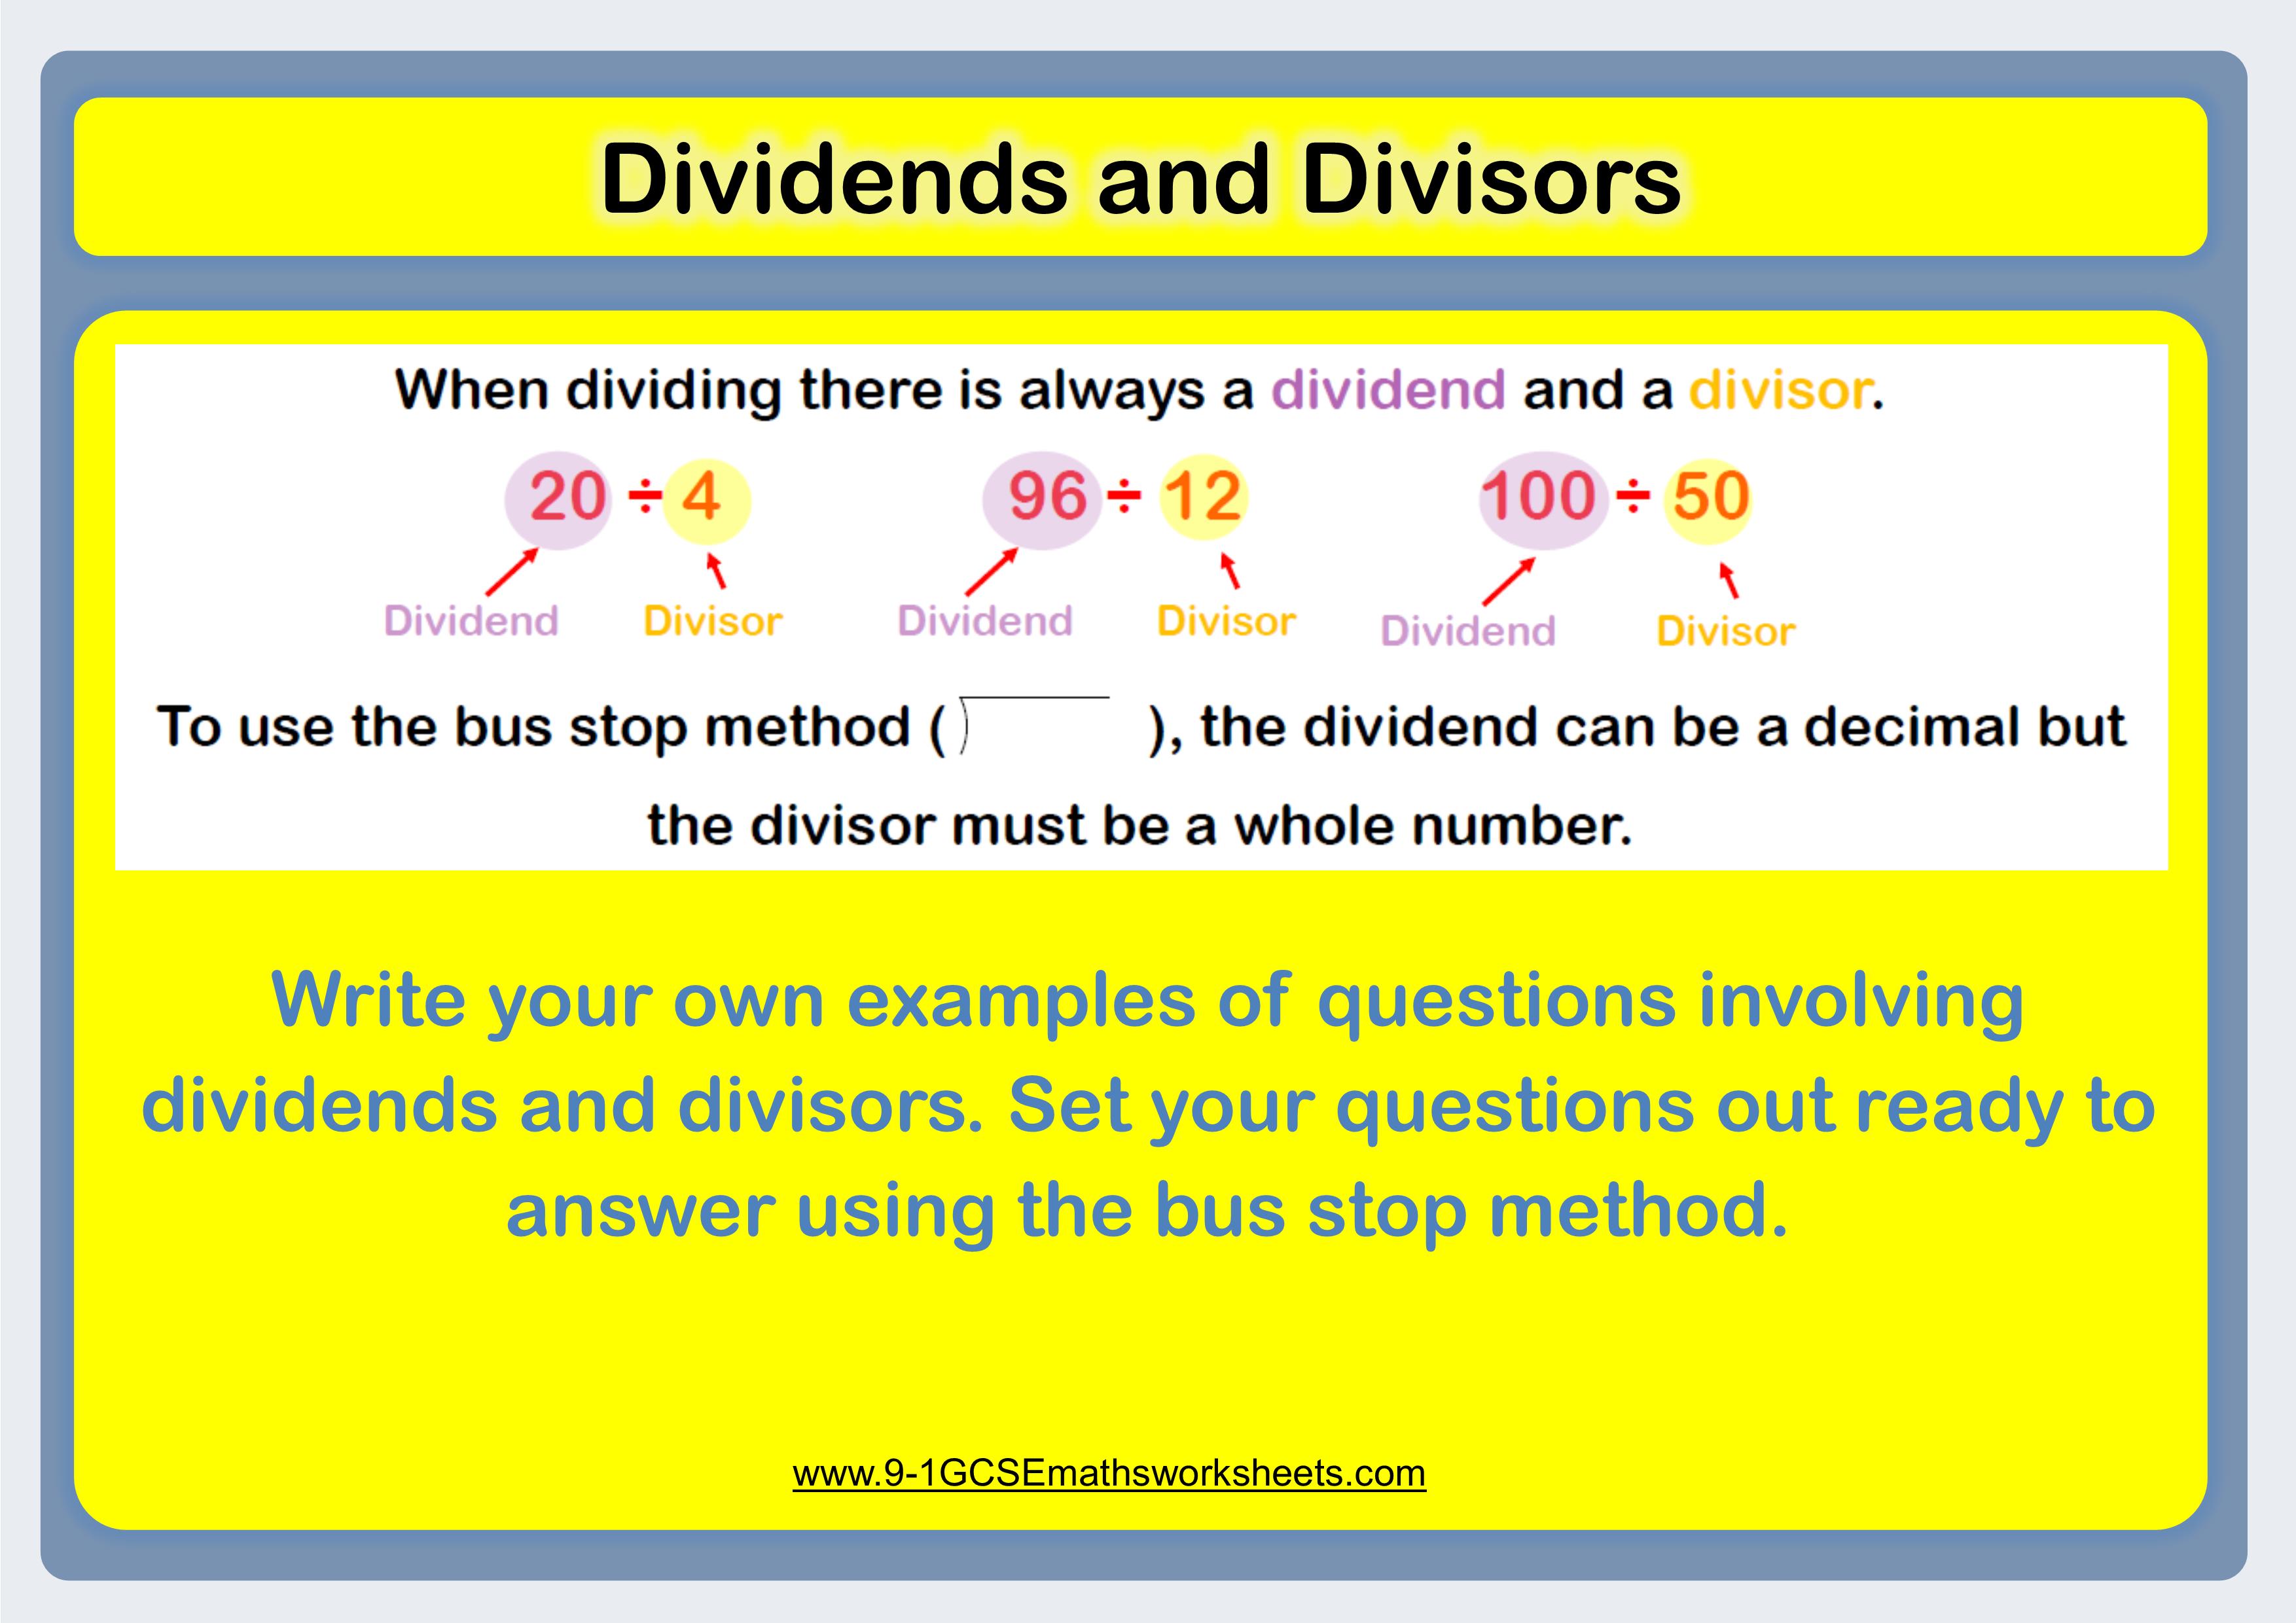 Dividing Decimals Worksheet Starter Asking Students To